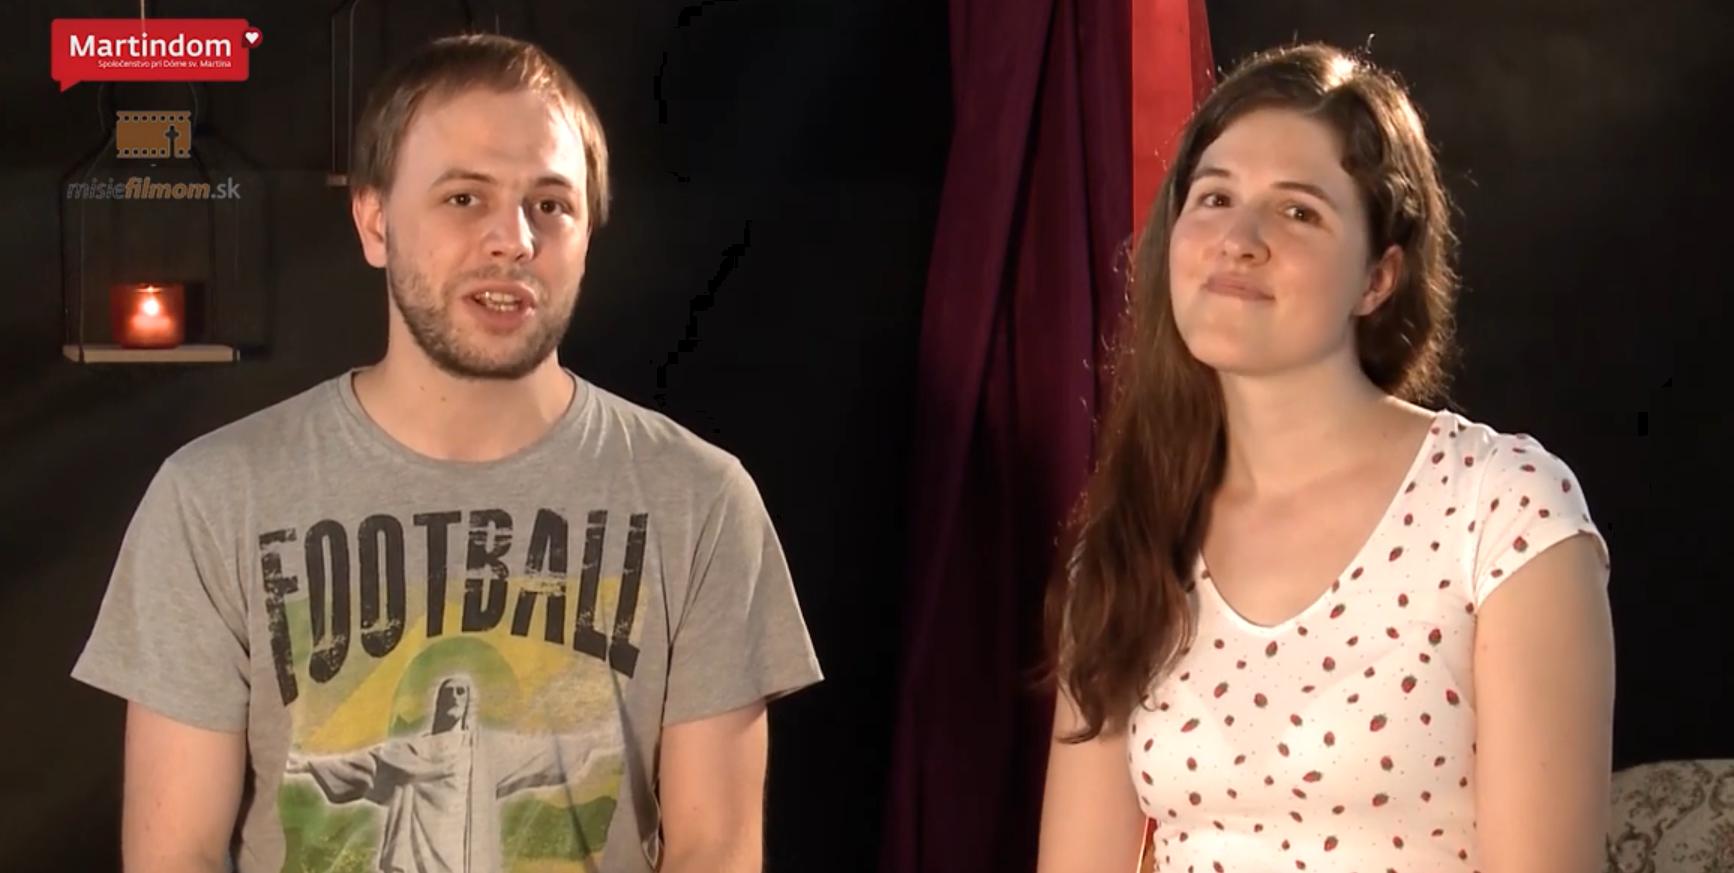 Matej a Veronika Ridzoňovci – Chvála je náš životný štýl